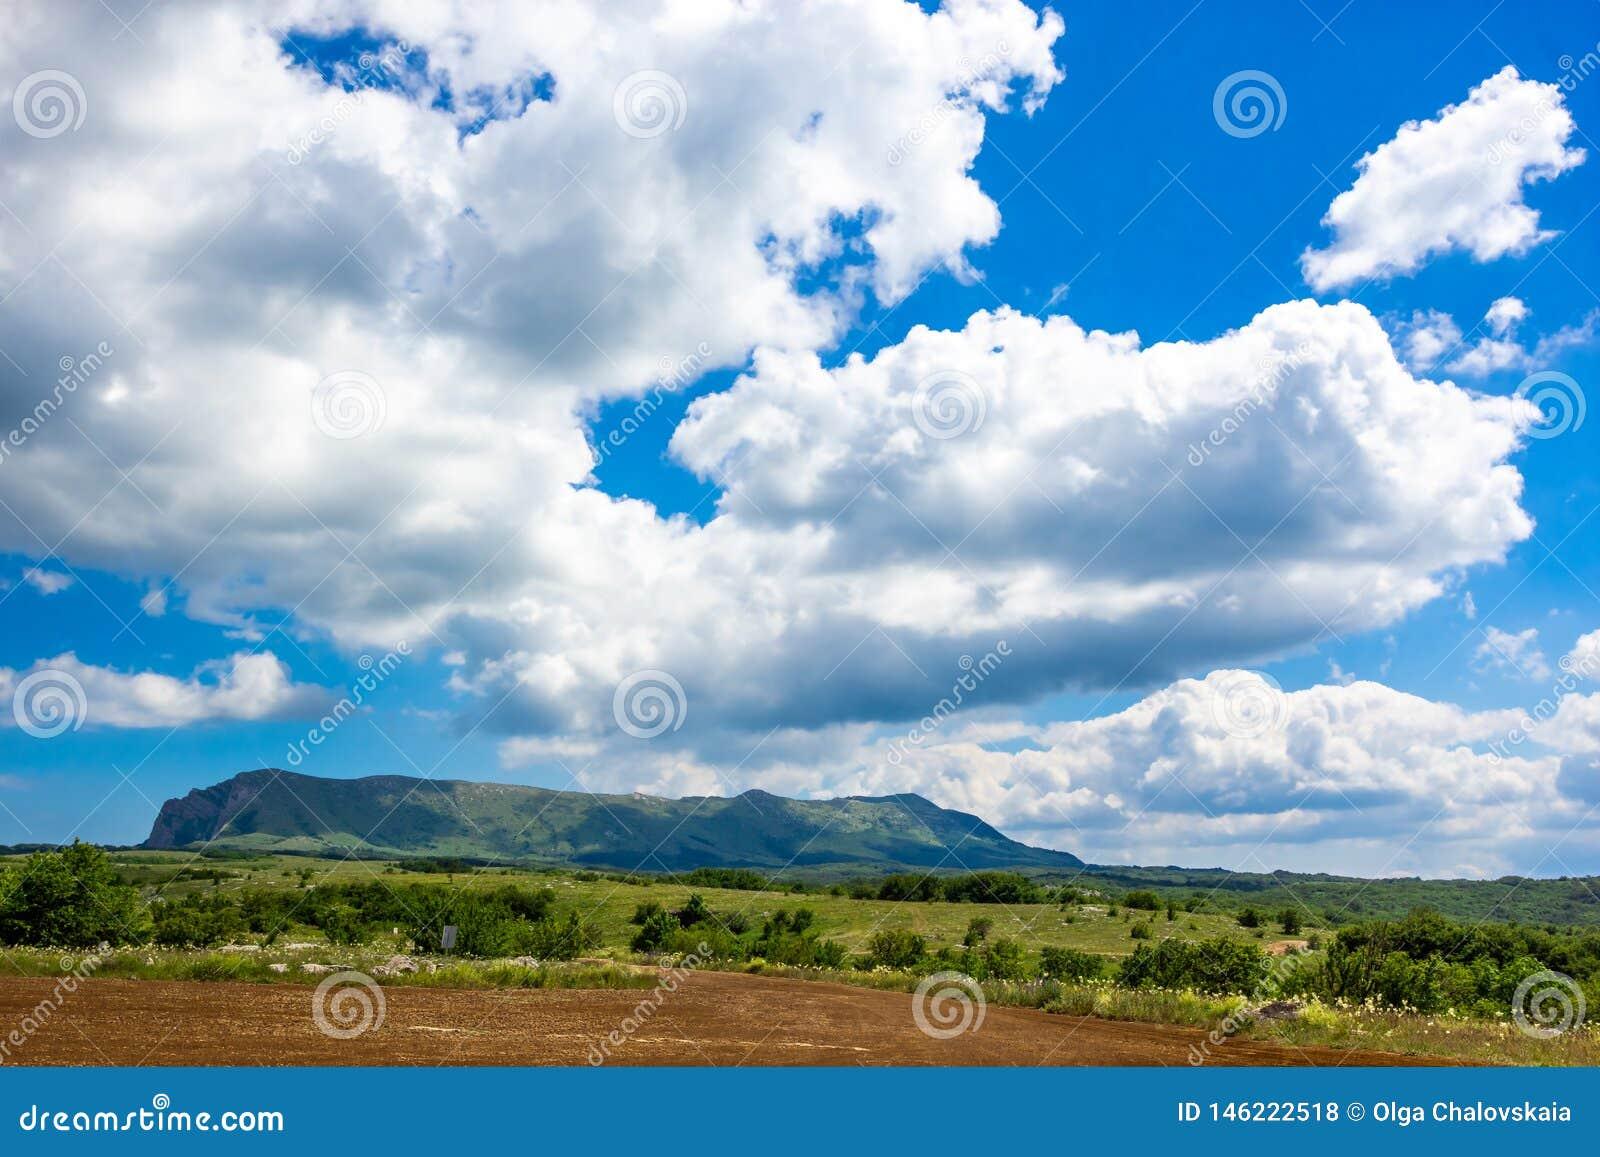 Paesaggio variopinto di estate nelle montagne, sotto un cielo blu con le nuvole bianche